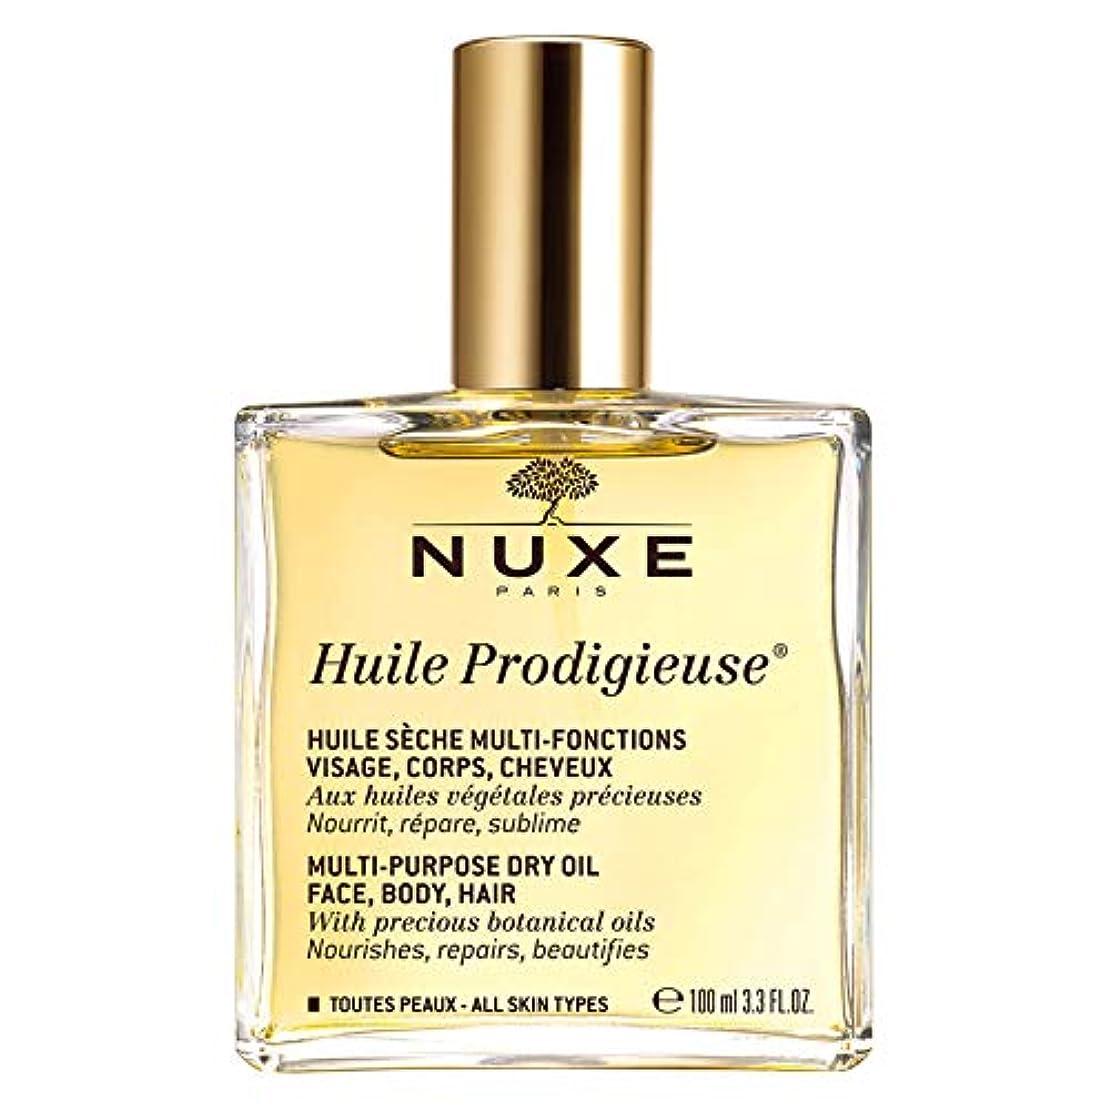 ヘルパー毒薬を飲むニュクス(NUXE) プロディジューオイル 100ml [並行輸入品]